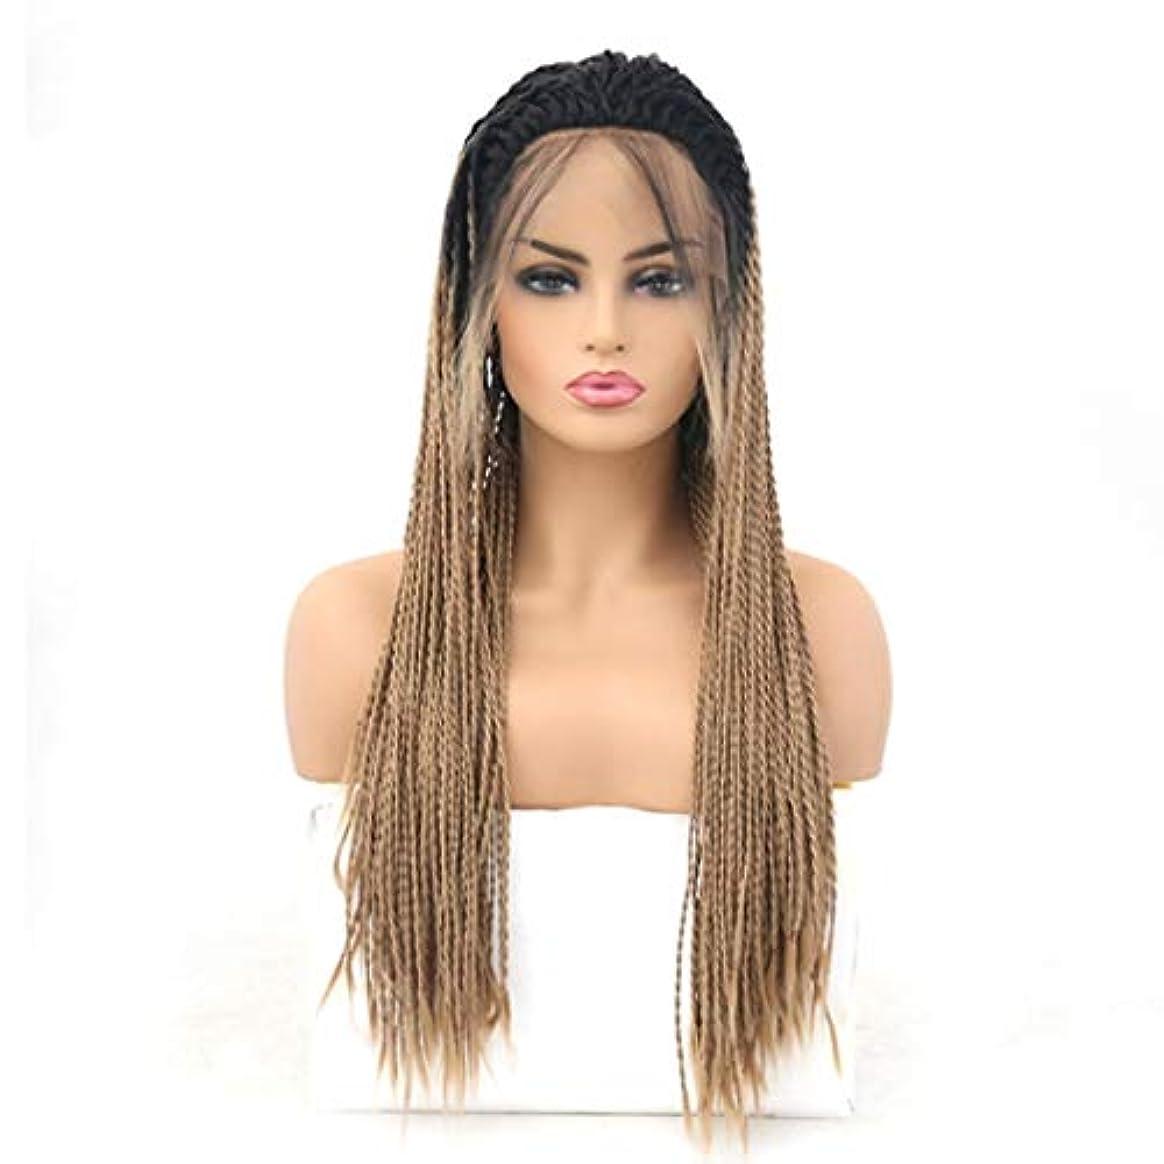 噴水ペットラッチKerwinner 女性のための前髪の毛髪のかつらとフロントレースグラデーションかつら耐熱合成かつら (Size : 26 inches)